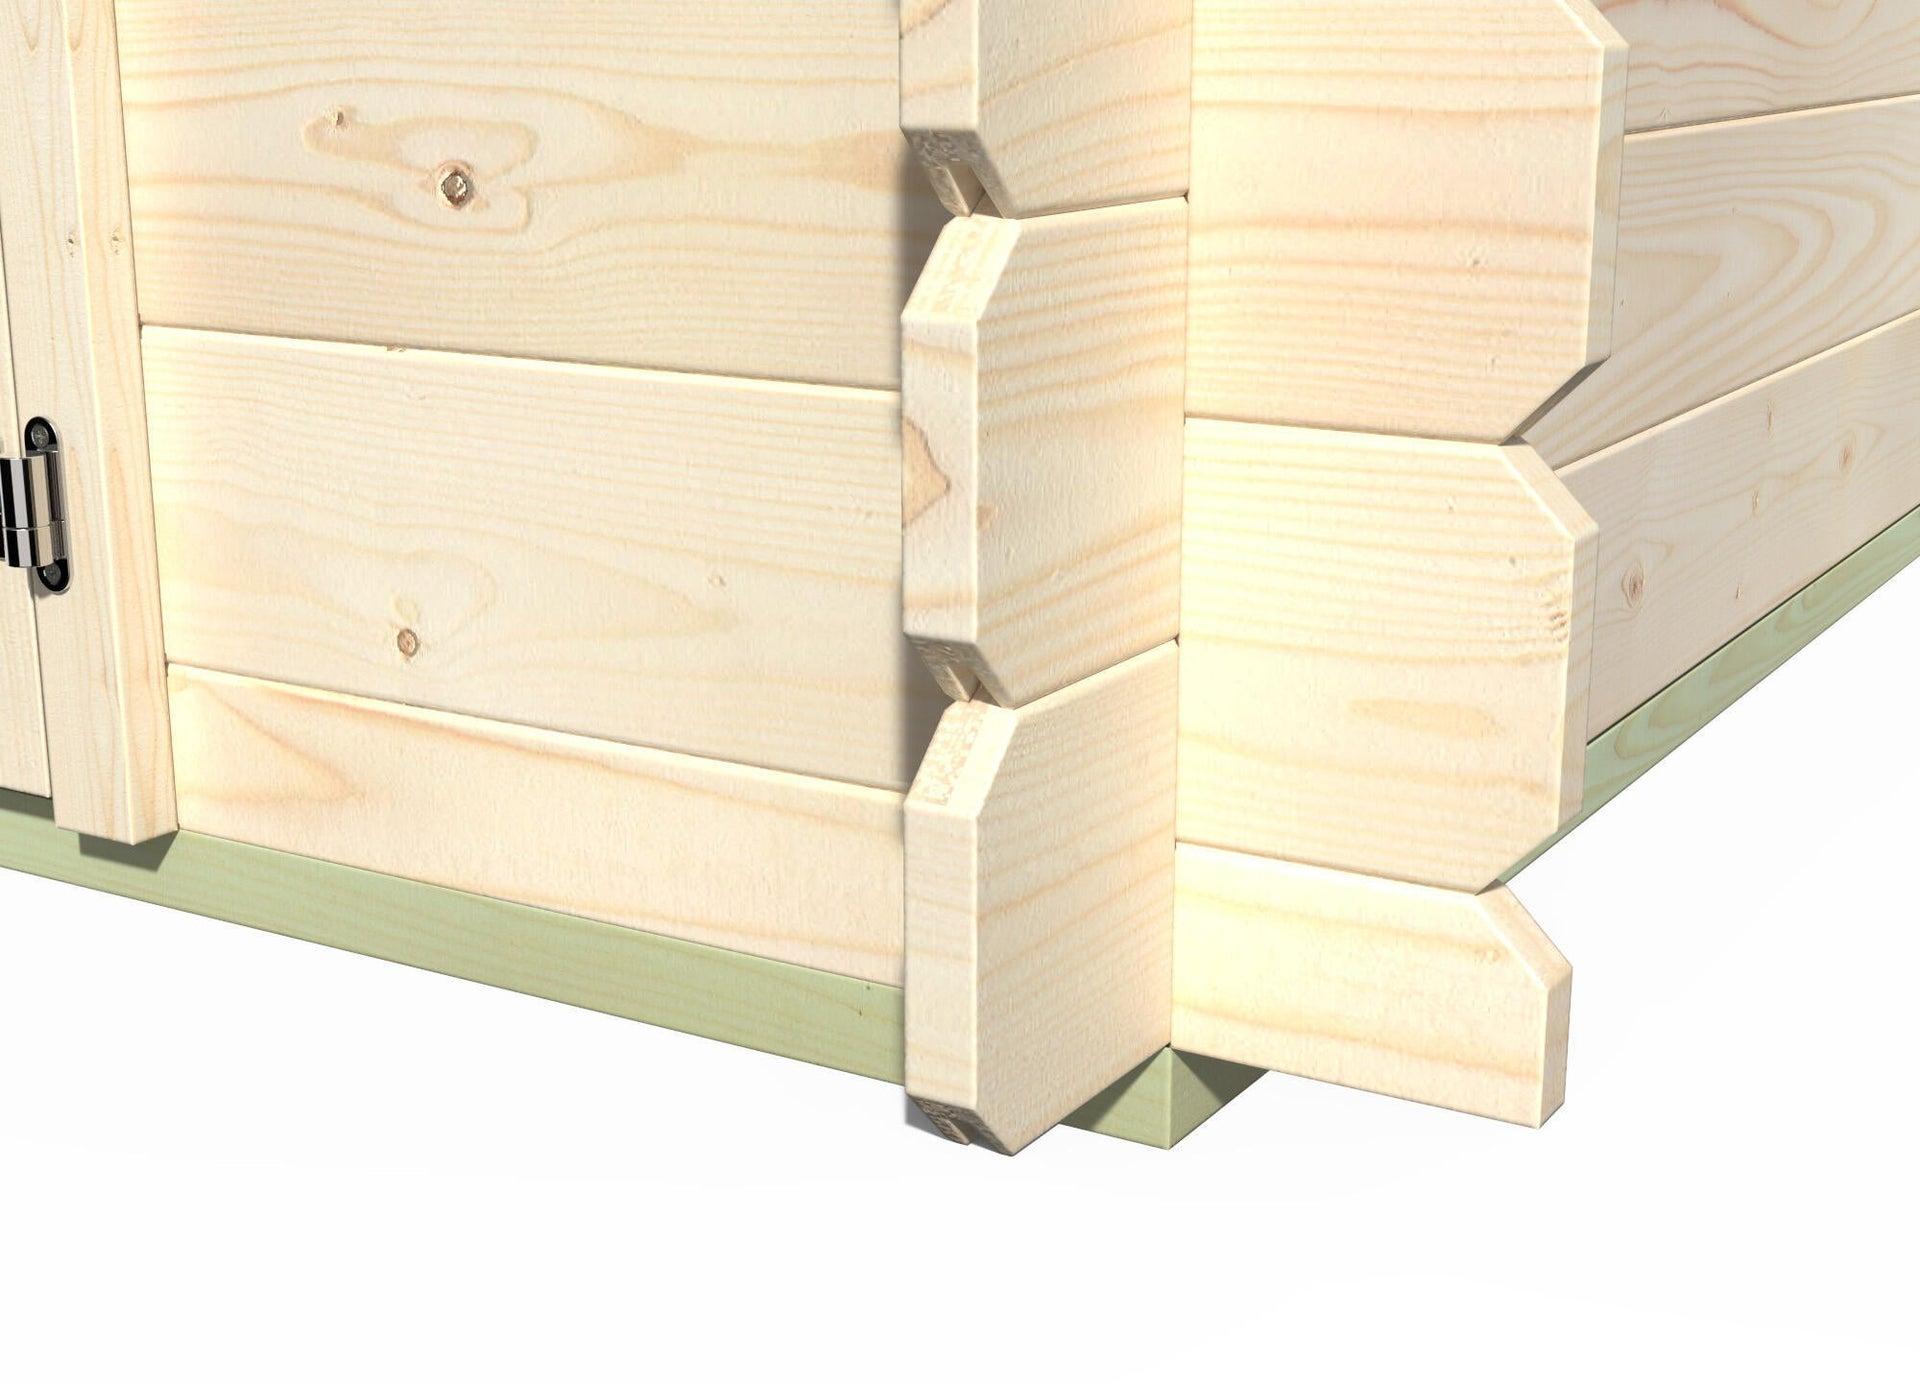 Pavimento per casetta da giardino Primula DECOR ET JARDIN 242.8 x 270 x 45 cm - 5